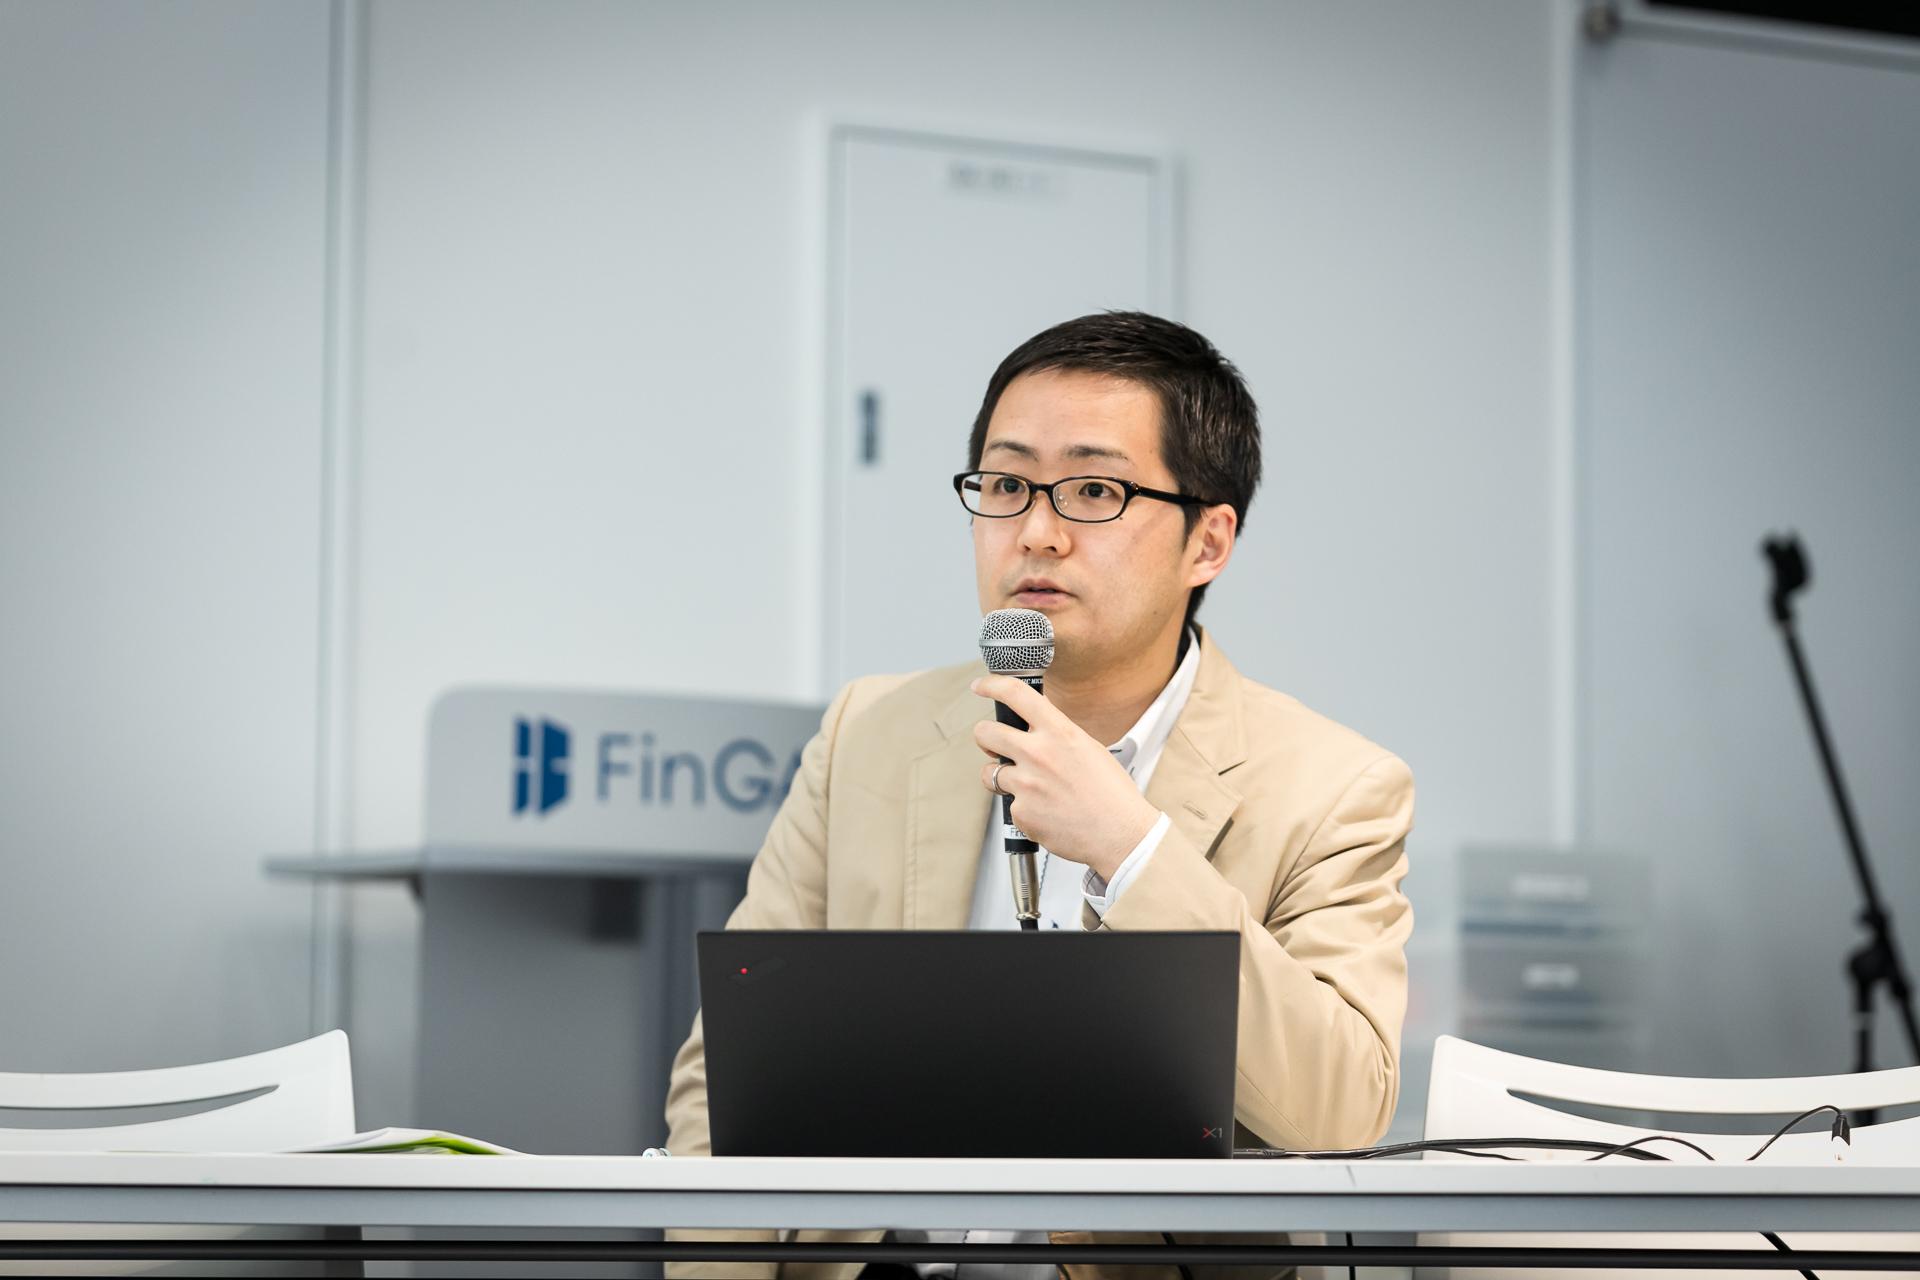 手塚佳彦_第10回 公認会計士ナビonLive!!